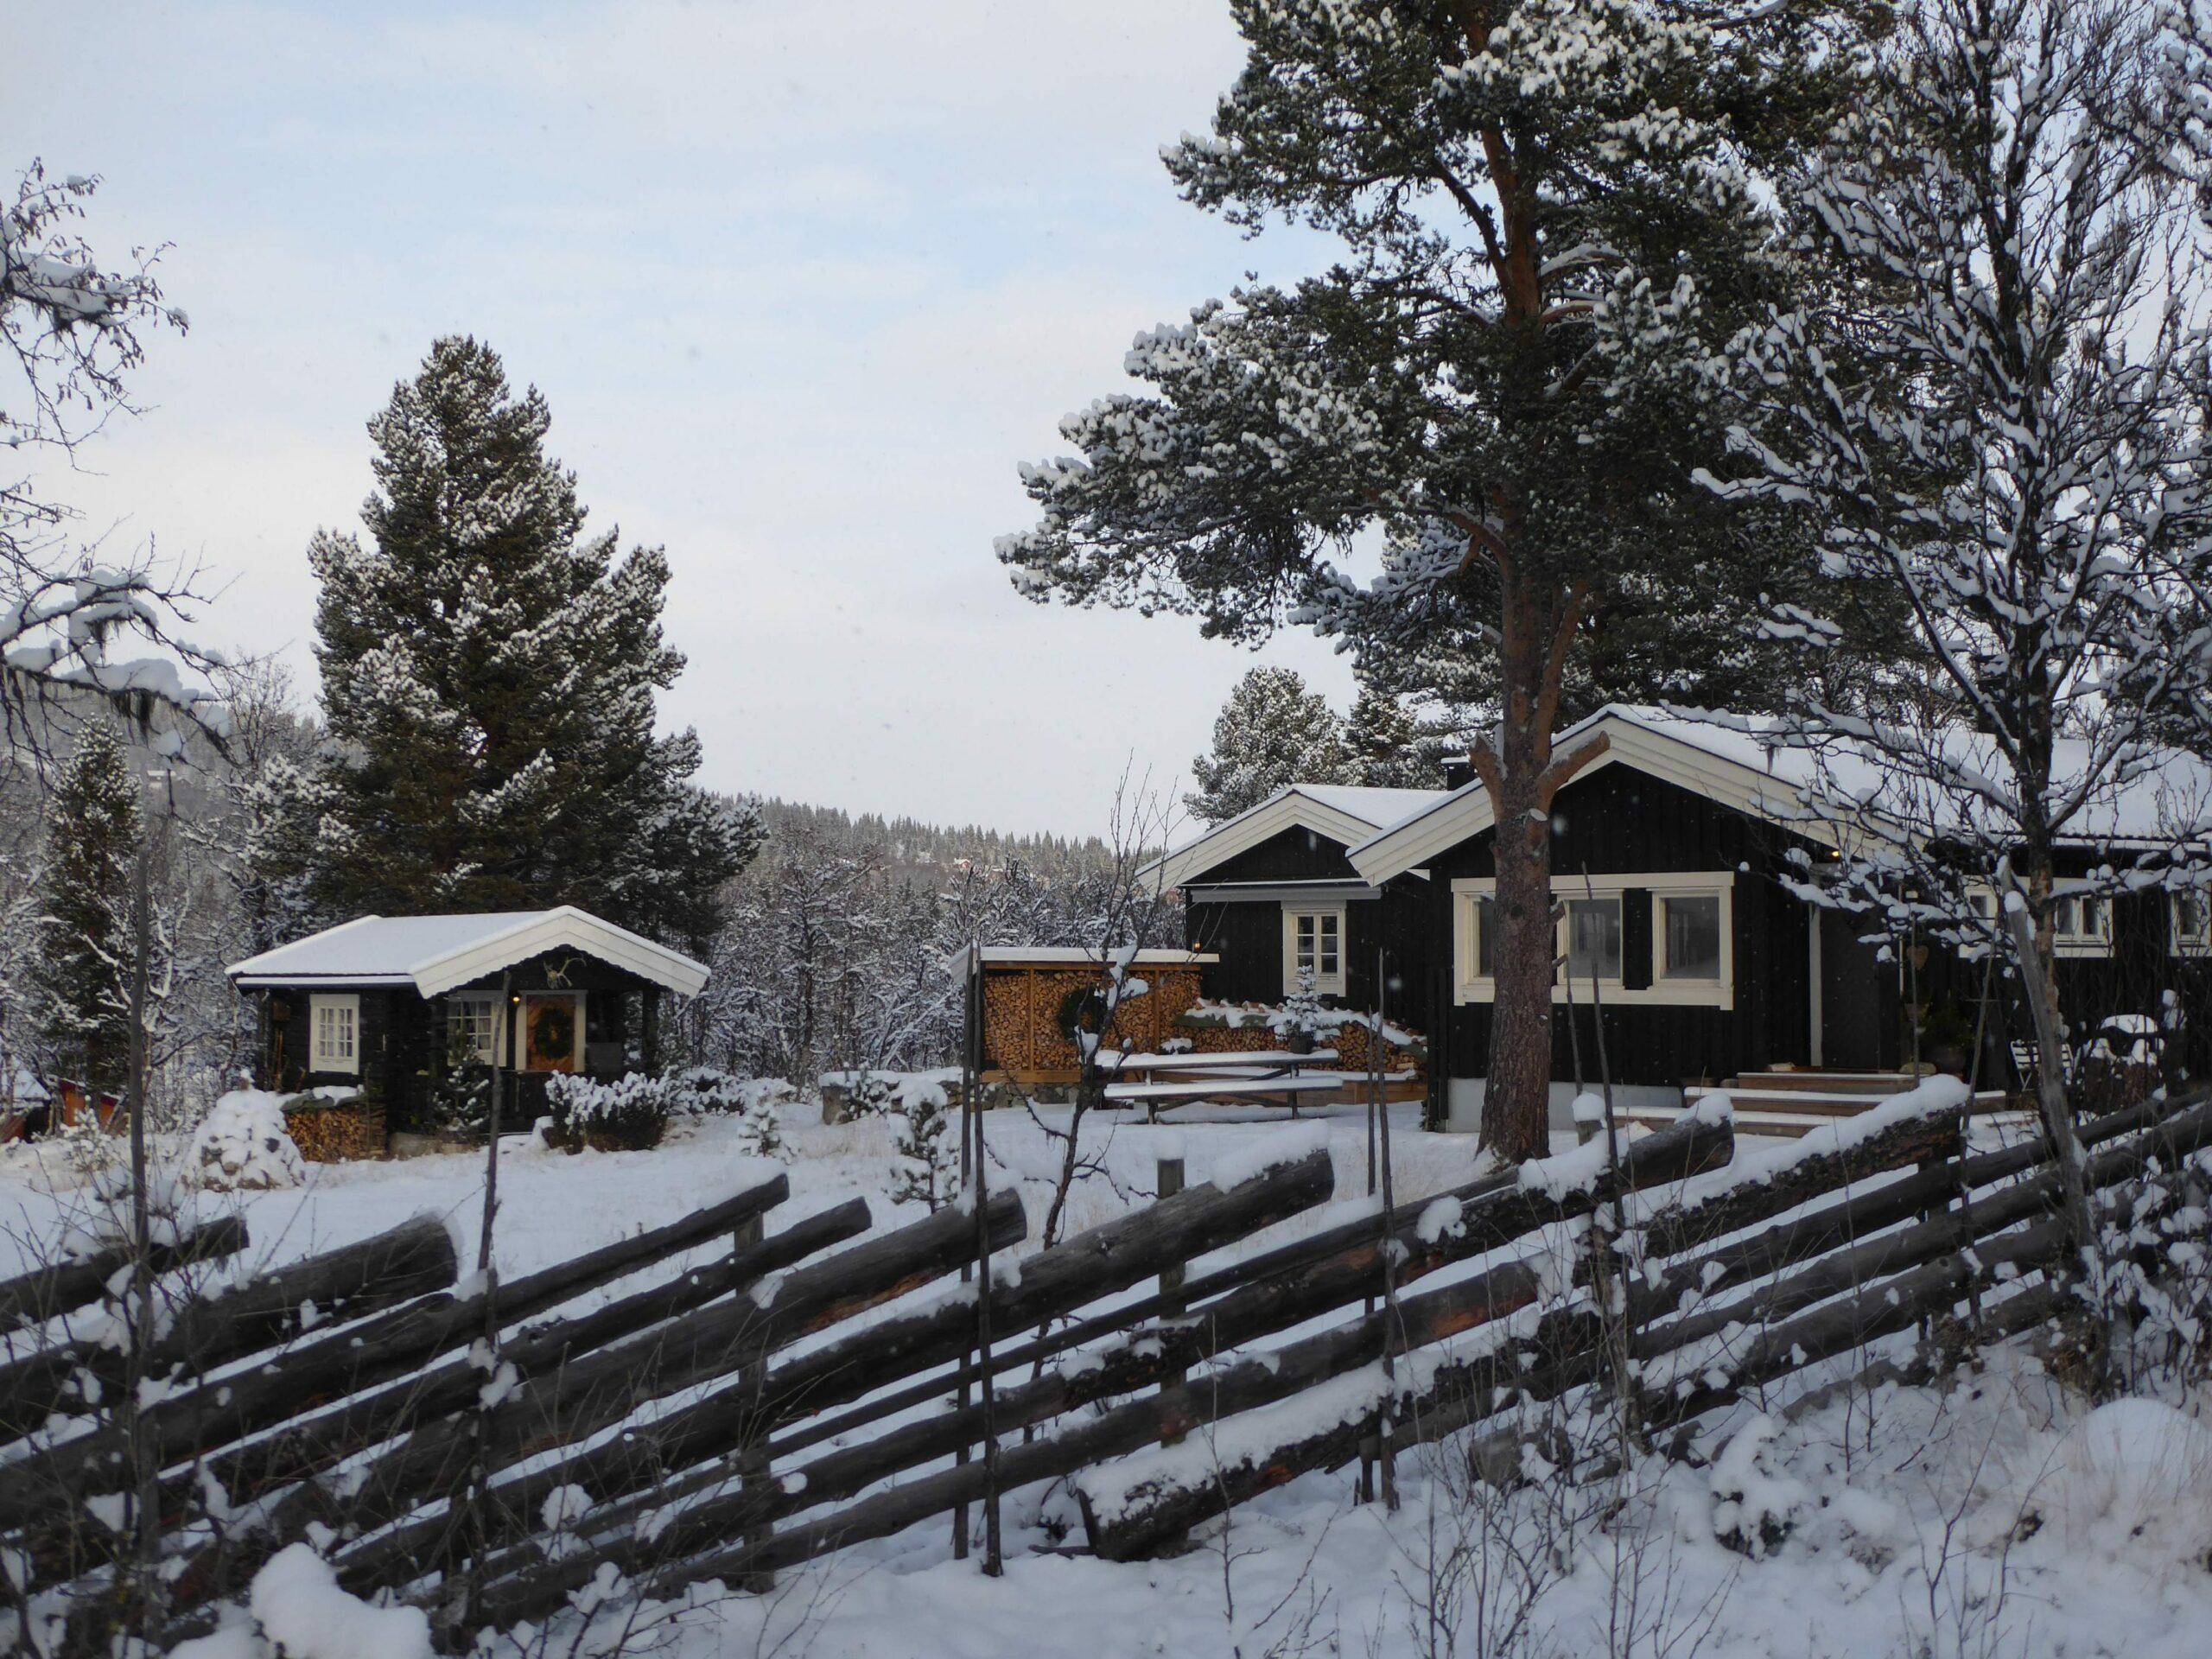 KREVER ENDRING: Norsk Hyttelag reagerer på det nye forbudet og krever endring. Den nasjonale interesseorganisasjonen har drøye 600.000 hytteeiere. Foto: Norsk Hyttelag